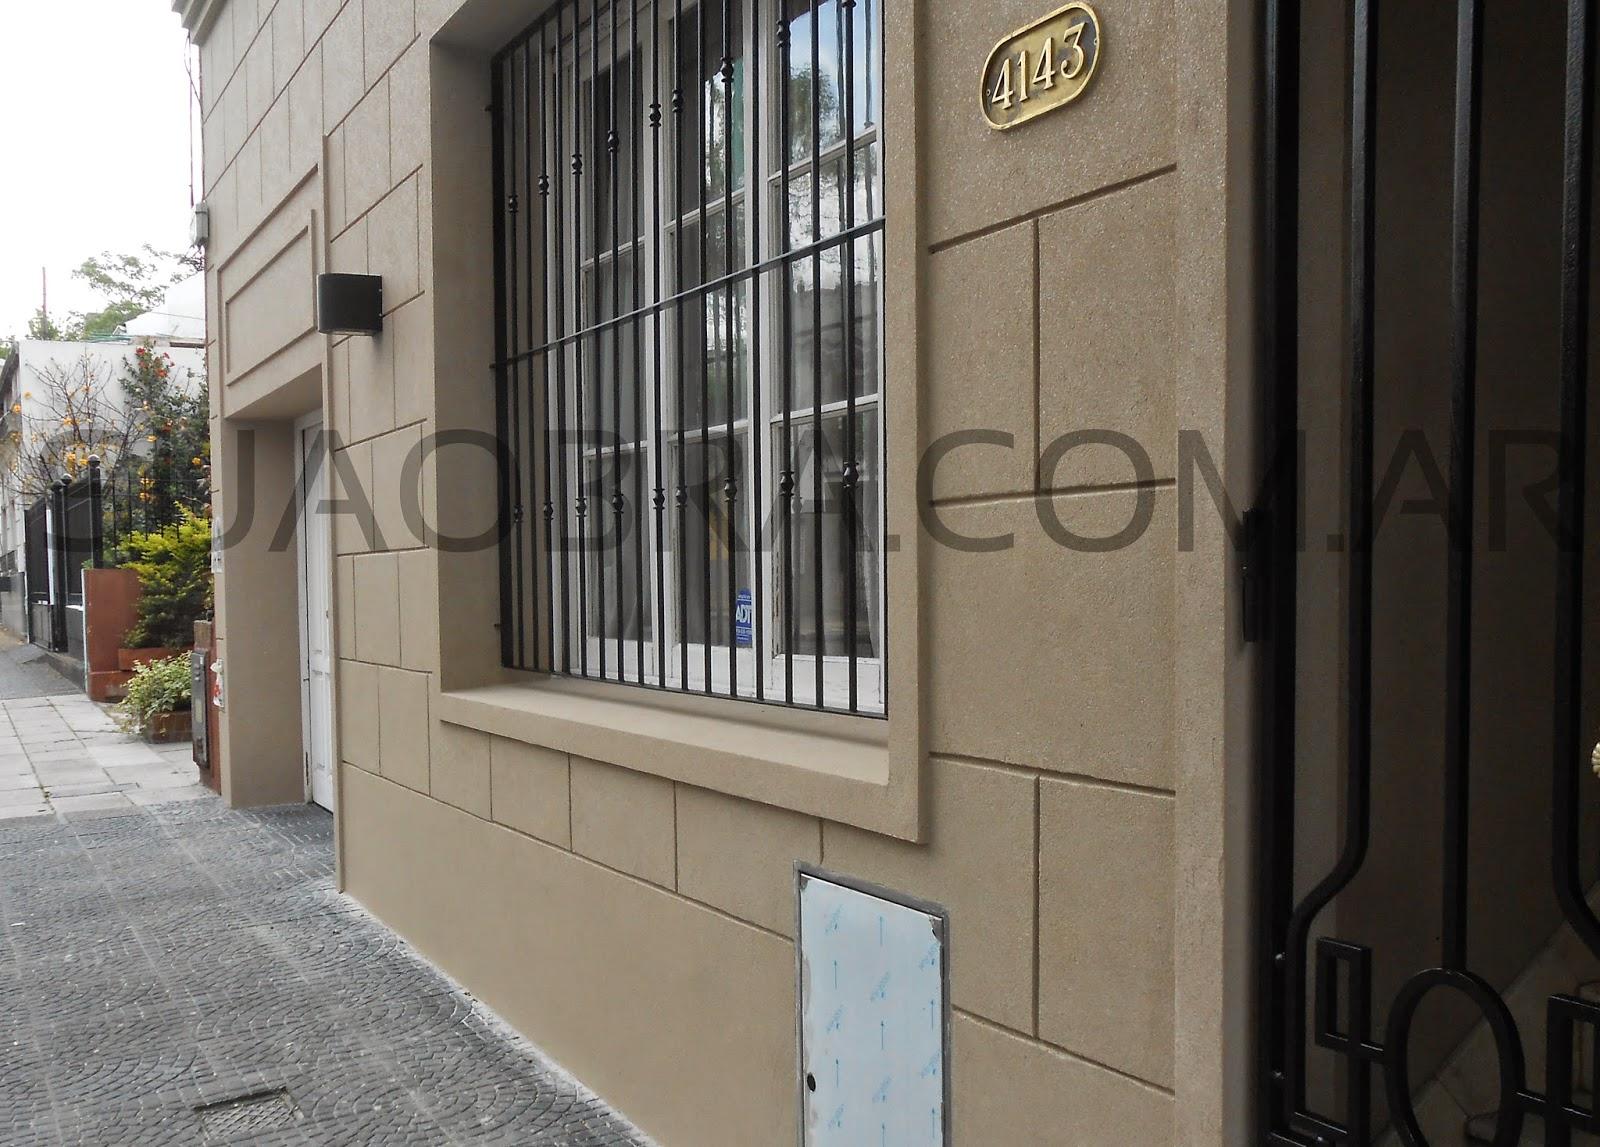 Tarquini revestimiento de paredes exteriores aplicacion - Molduras para paredes exteriores ...